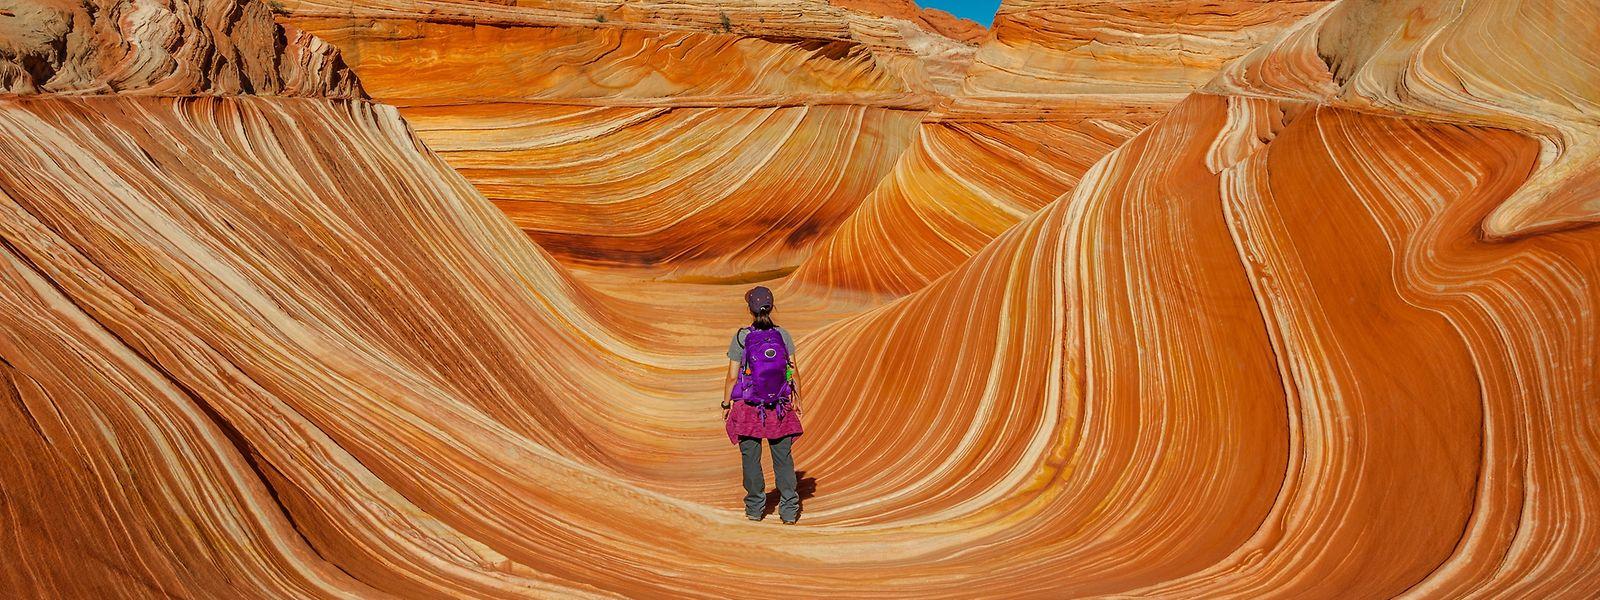 Die Coyote Buttes zwischen Arizona und Utah bestehen aus fragilen Felsenformationen, die geschützt werden müssen.